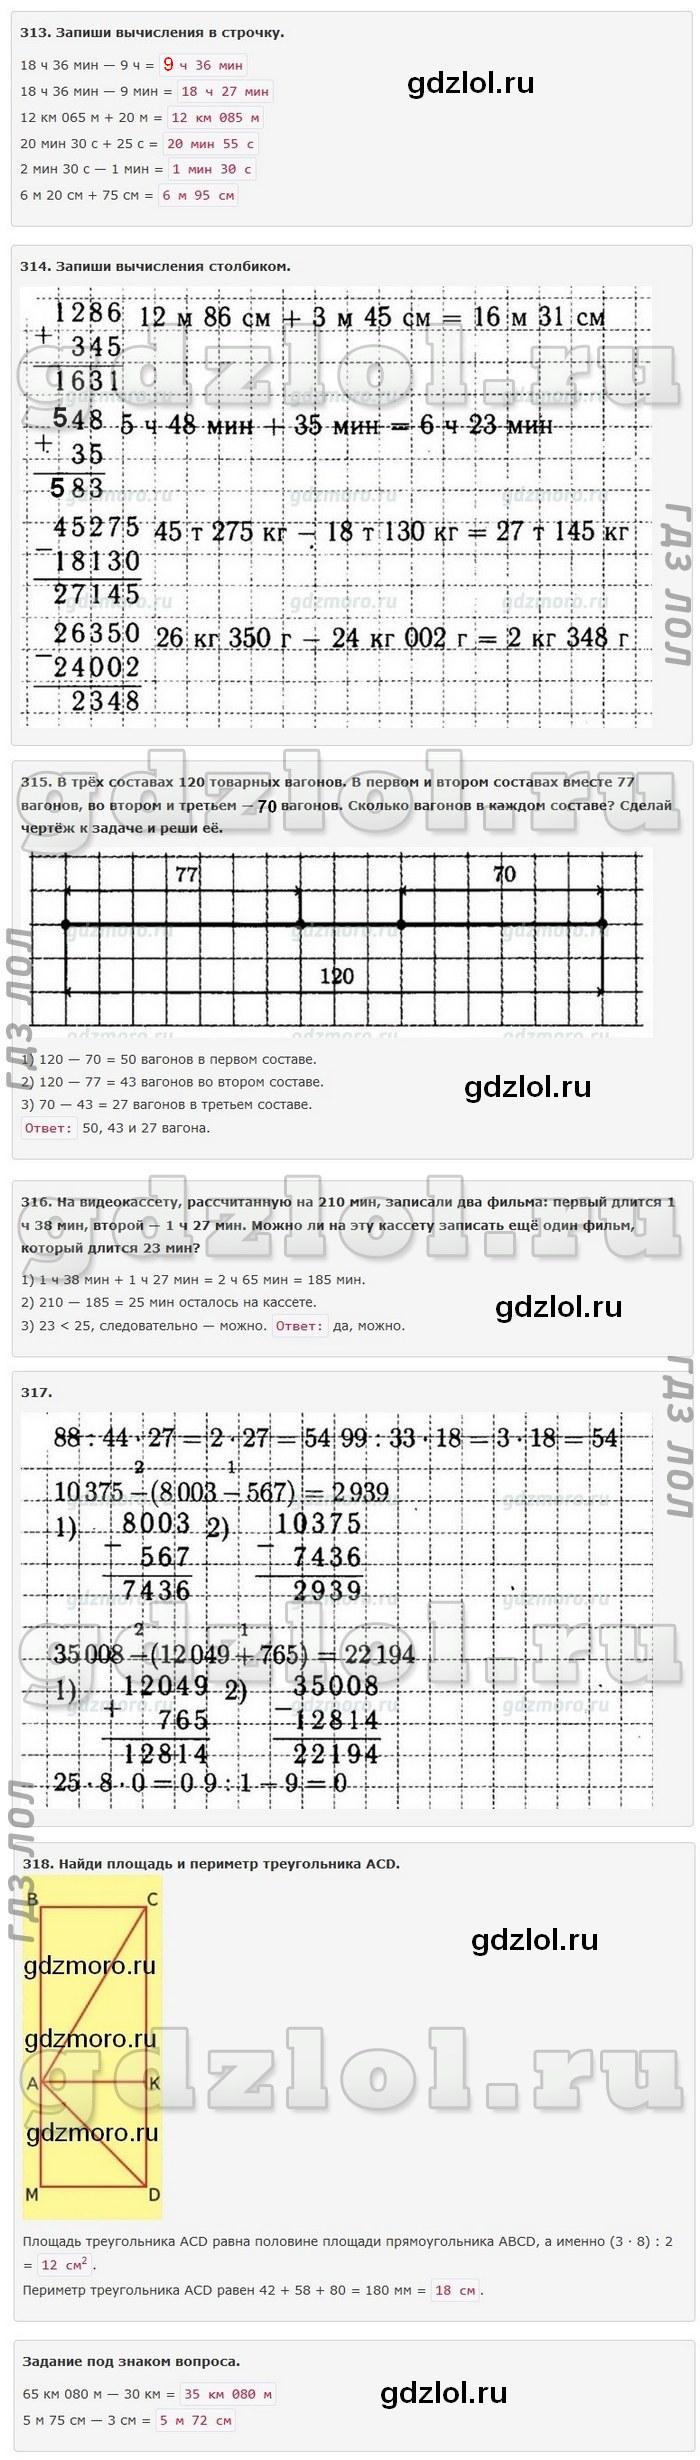 Математика 4 класс 2 часть программа 2100 все задания и их ответы